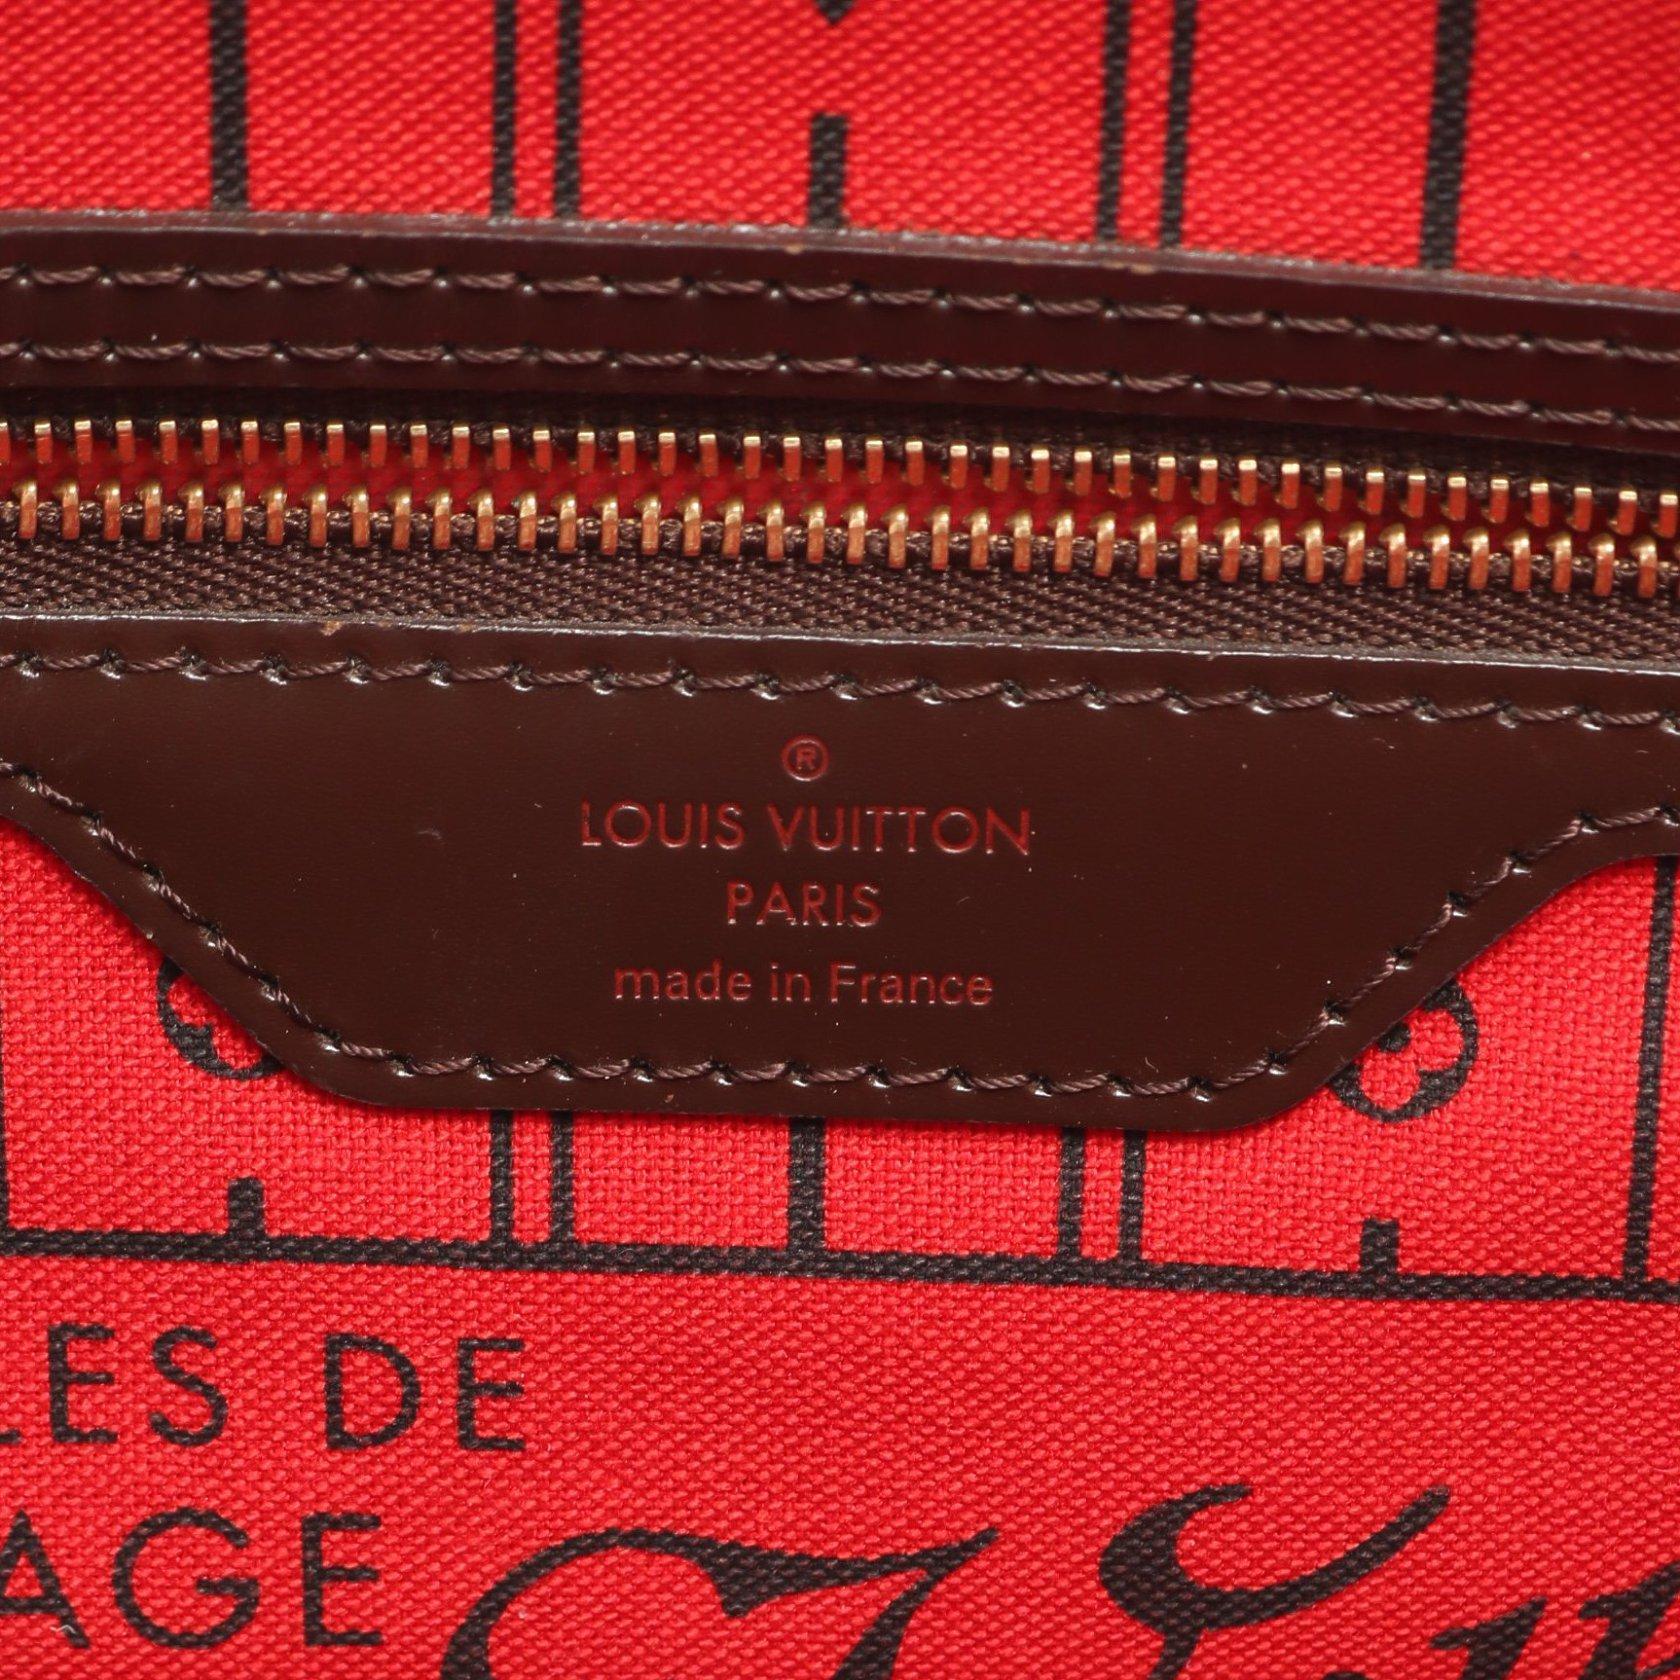 LOUIS VUITTON・バッグ・ネヴァーフルPM ダミエエベヌ トートバッグ PVC レザー ブラウン